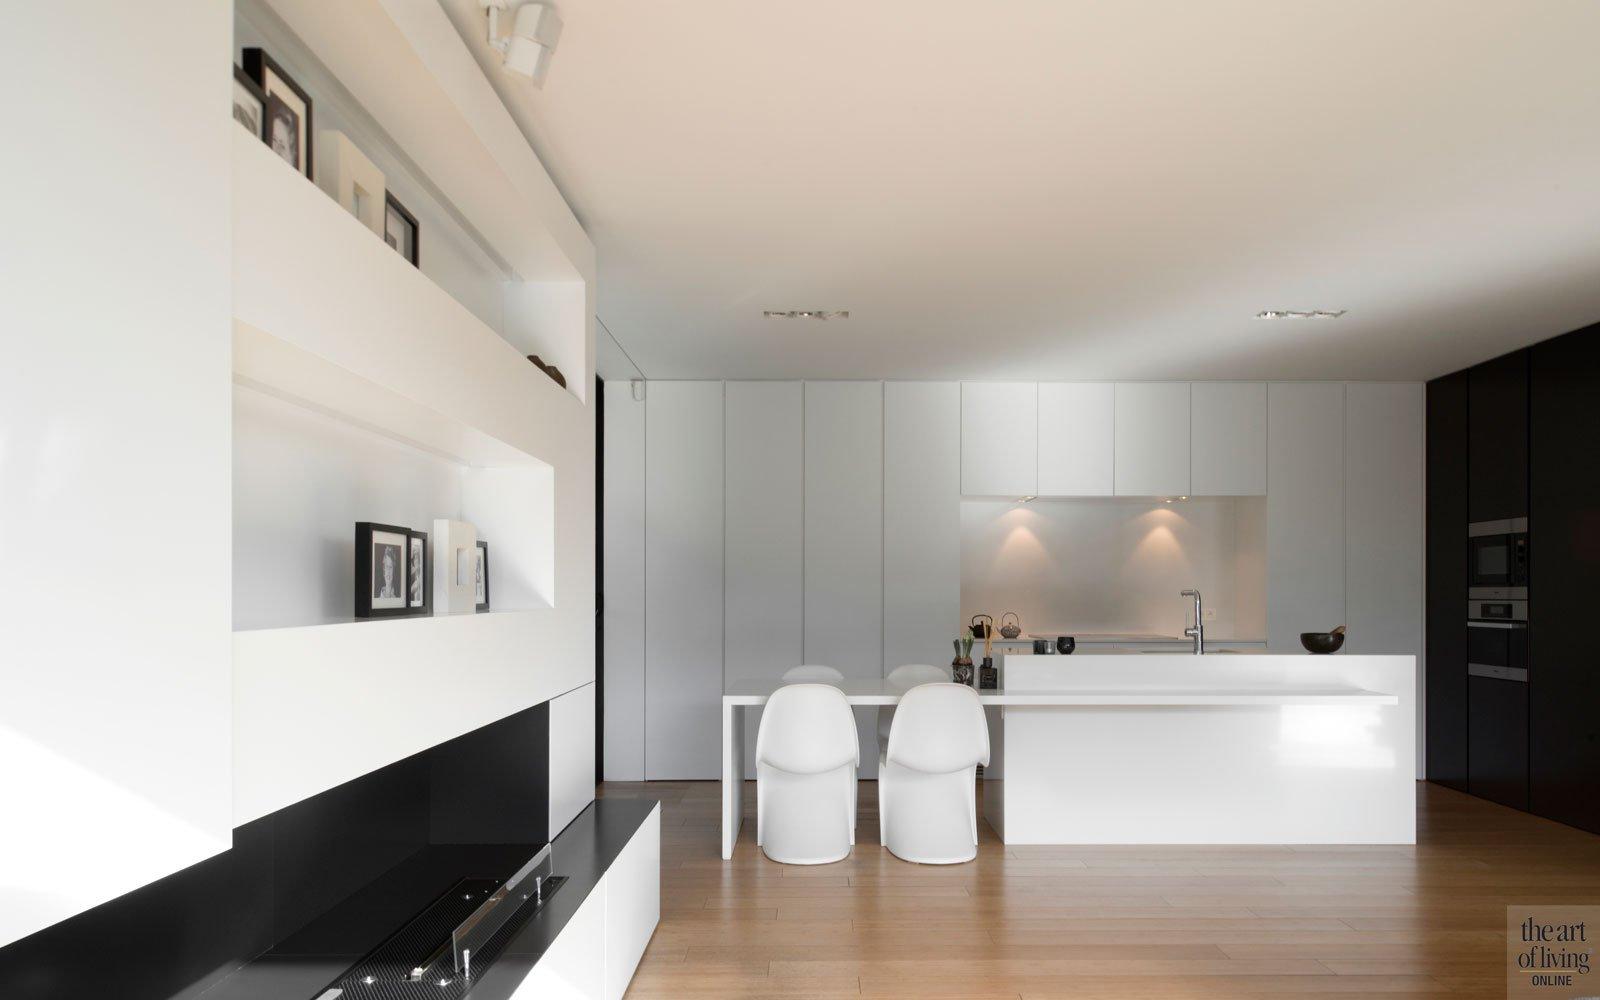 Keuken, Keukens Van Gils, Augustijns Keukens en Interieur, Kantoorgebouw | icoon.be architecten